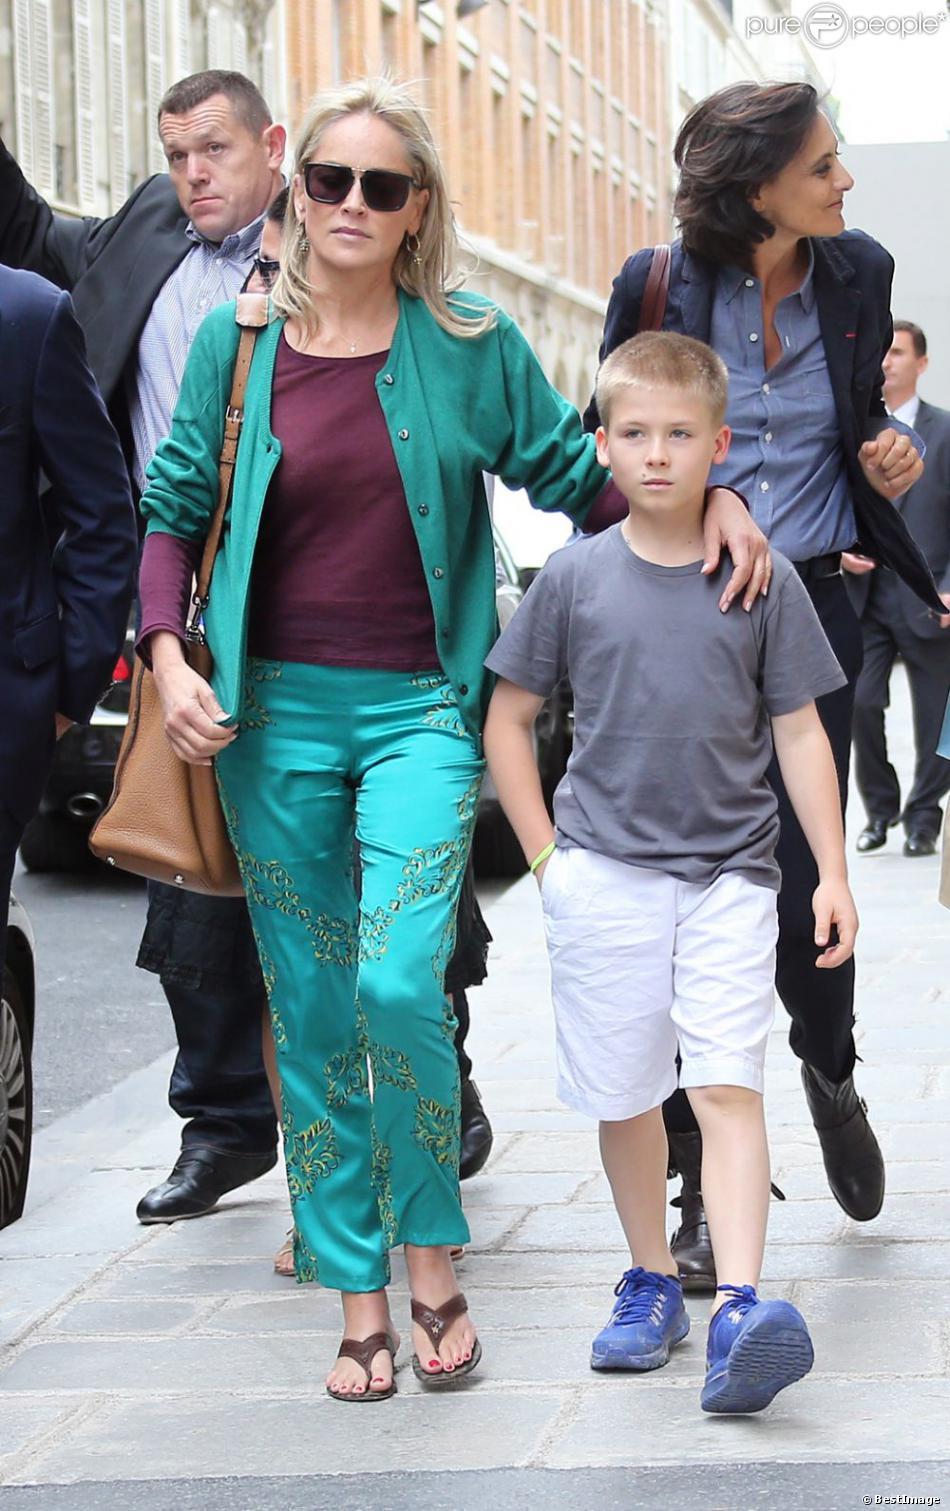 Sharon Stone, accompagnée de son fils Roan Bronstein, est allée faire du shopping avec son amie Inès de la Fressange à Paris le 4 juillet 2013